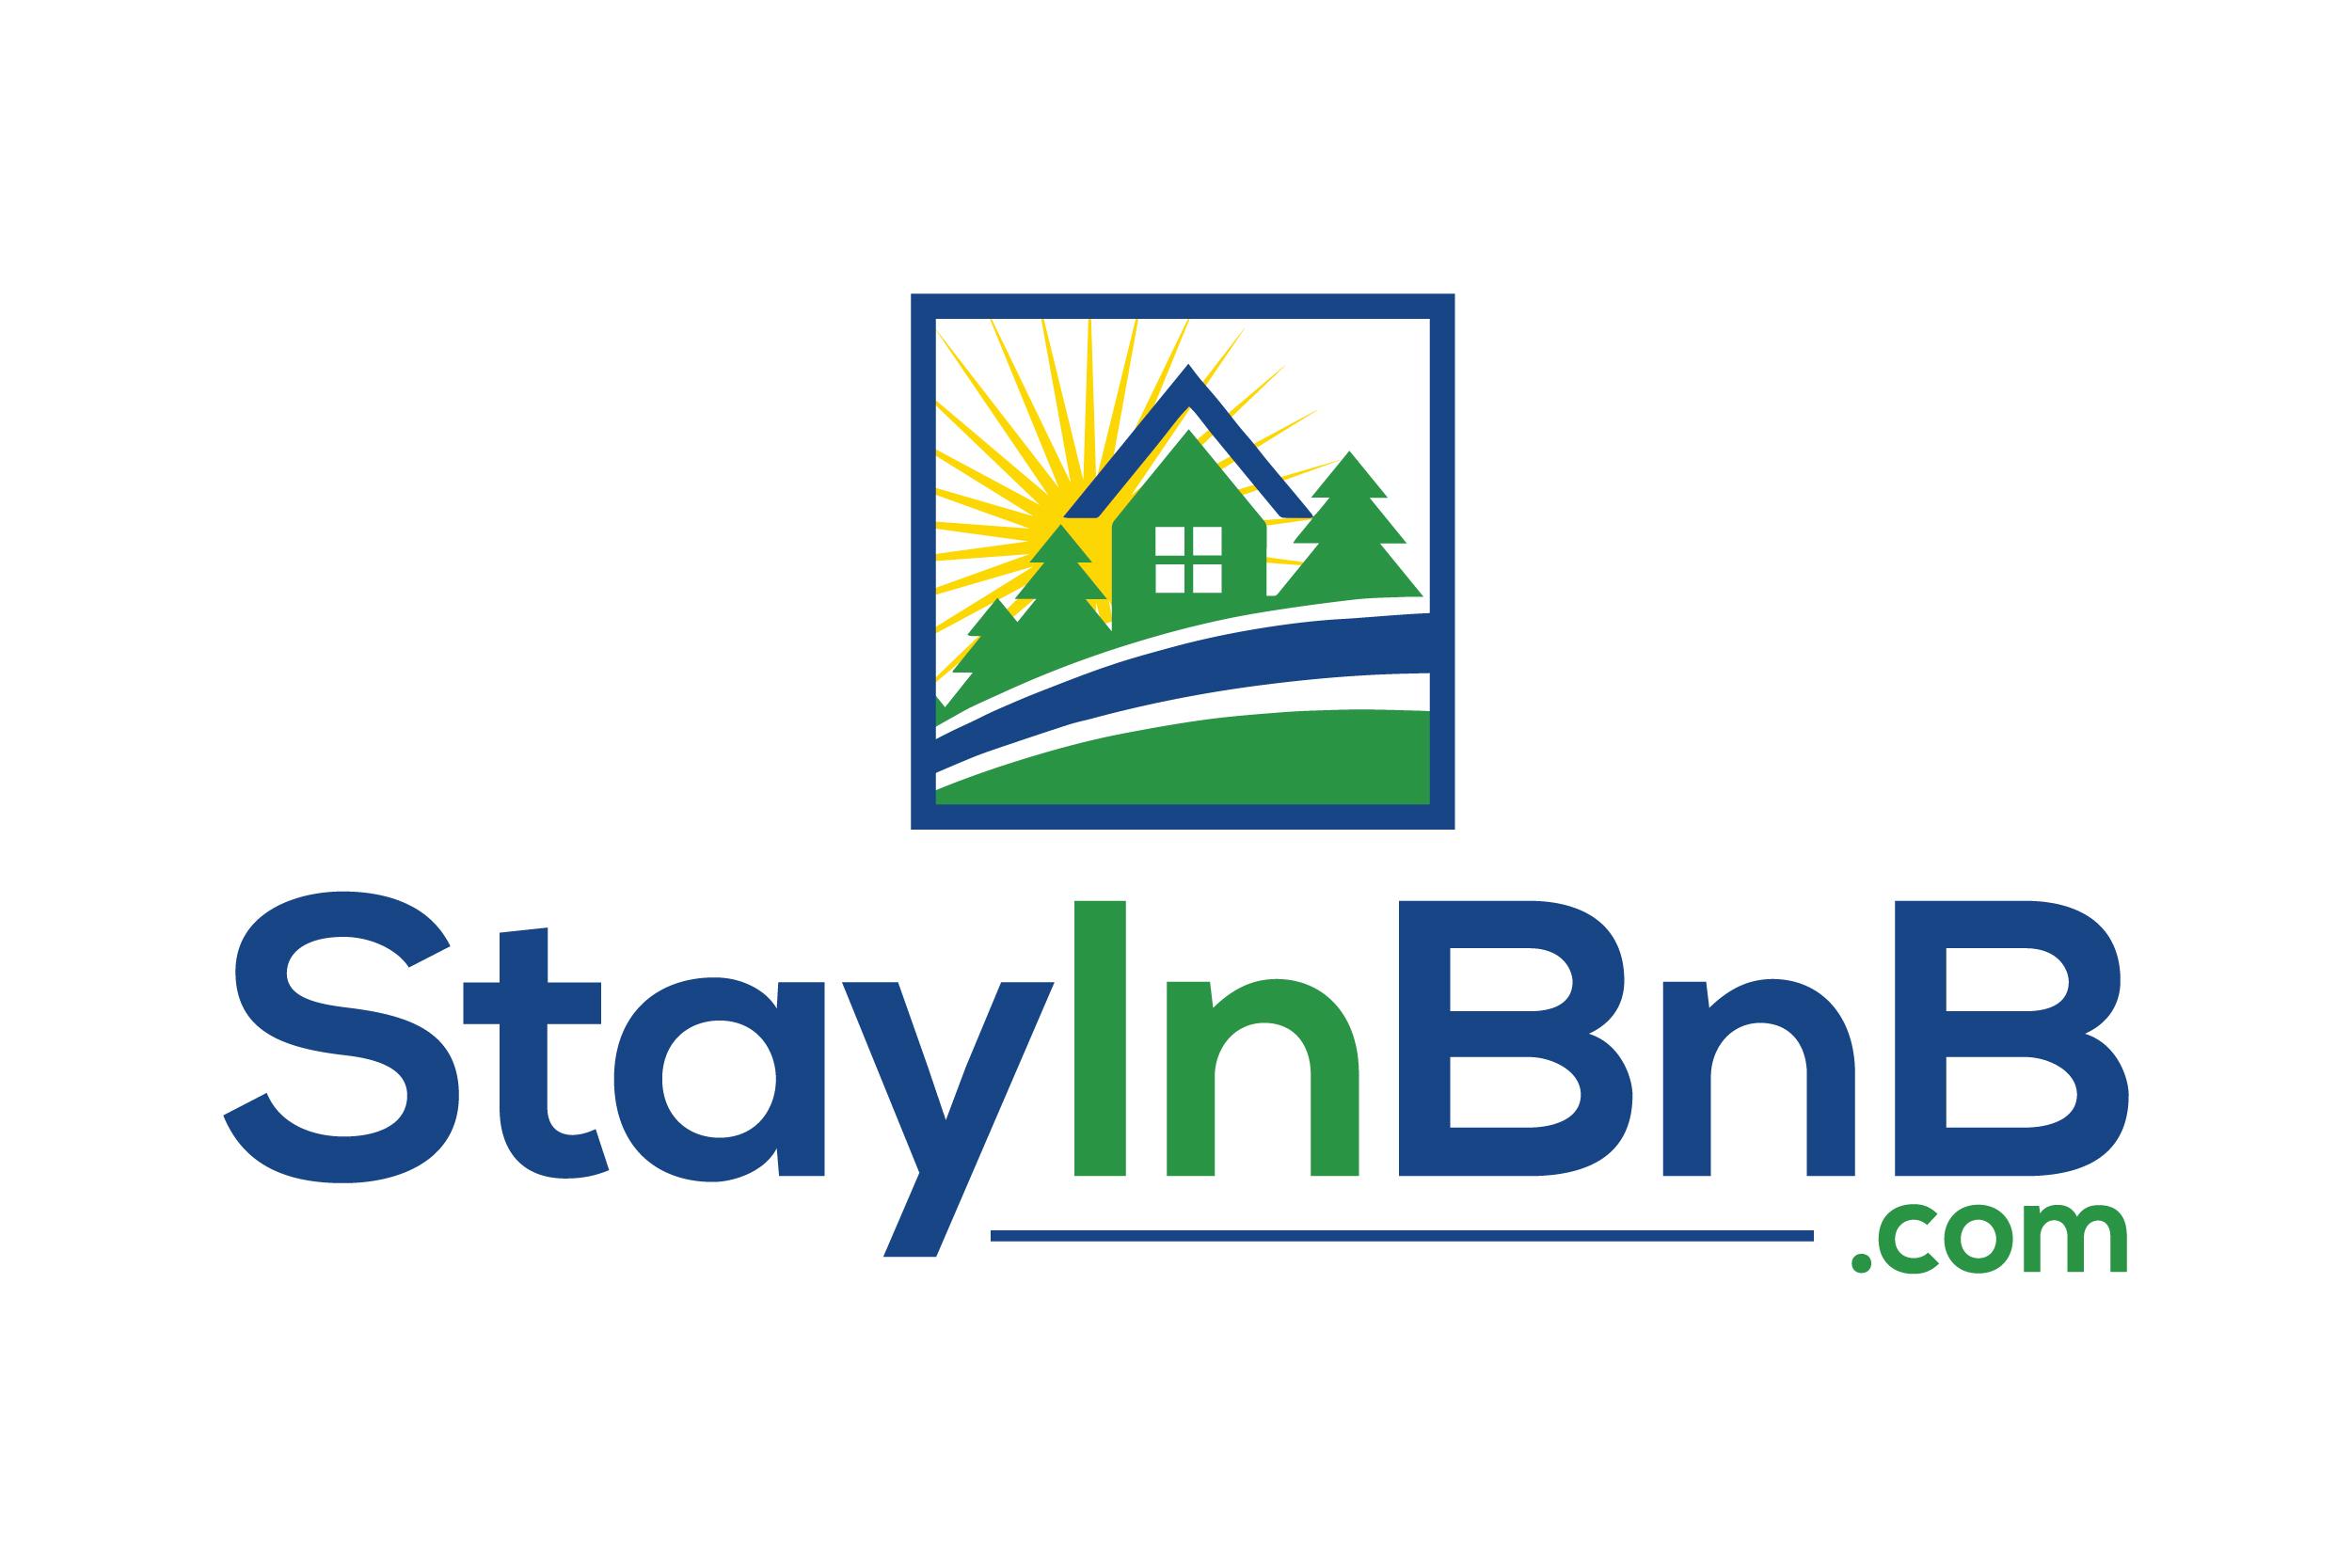 StayInBnB